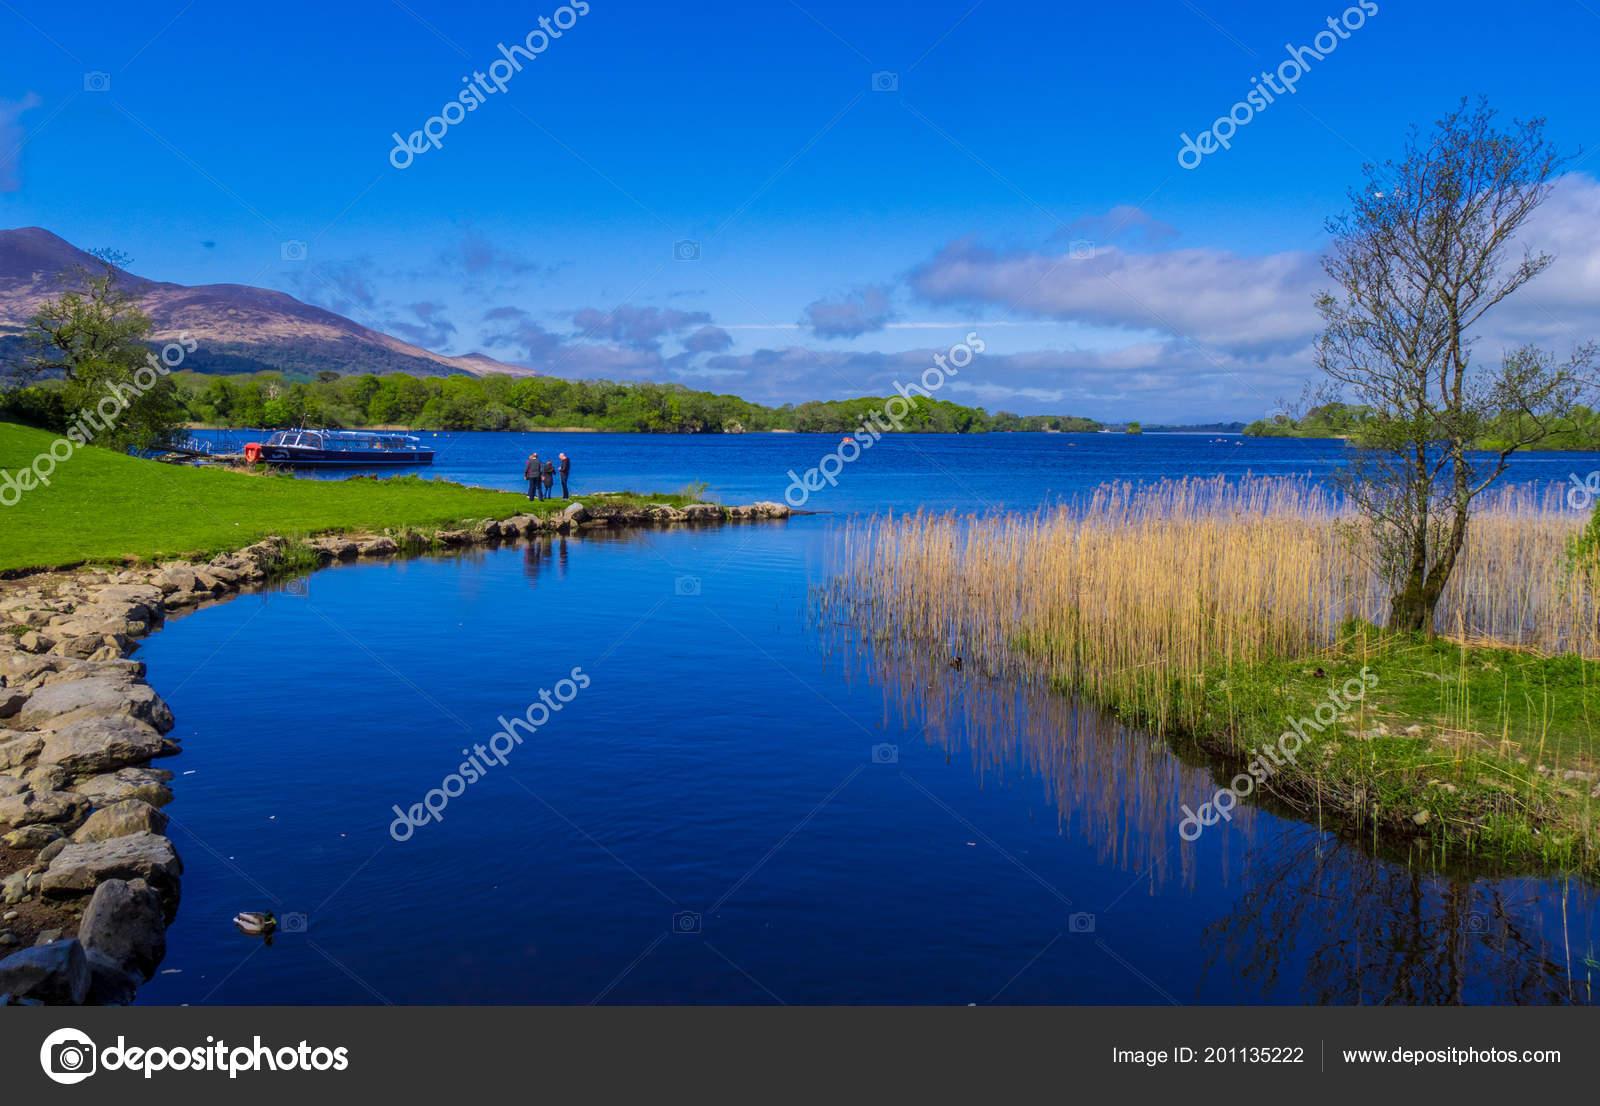 Impresionante Naturaleza Y Agua Azul En El Parque Nacional De